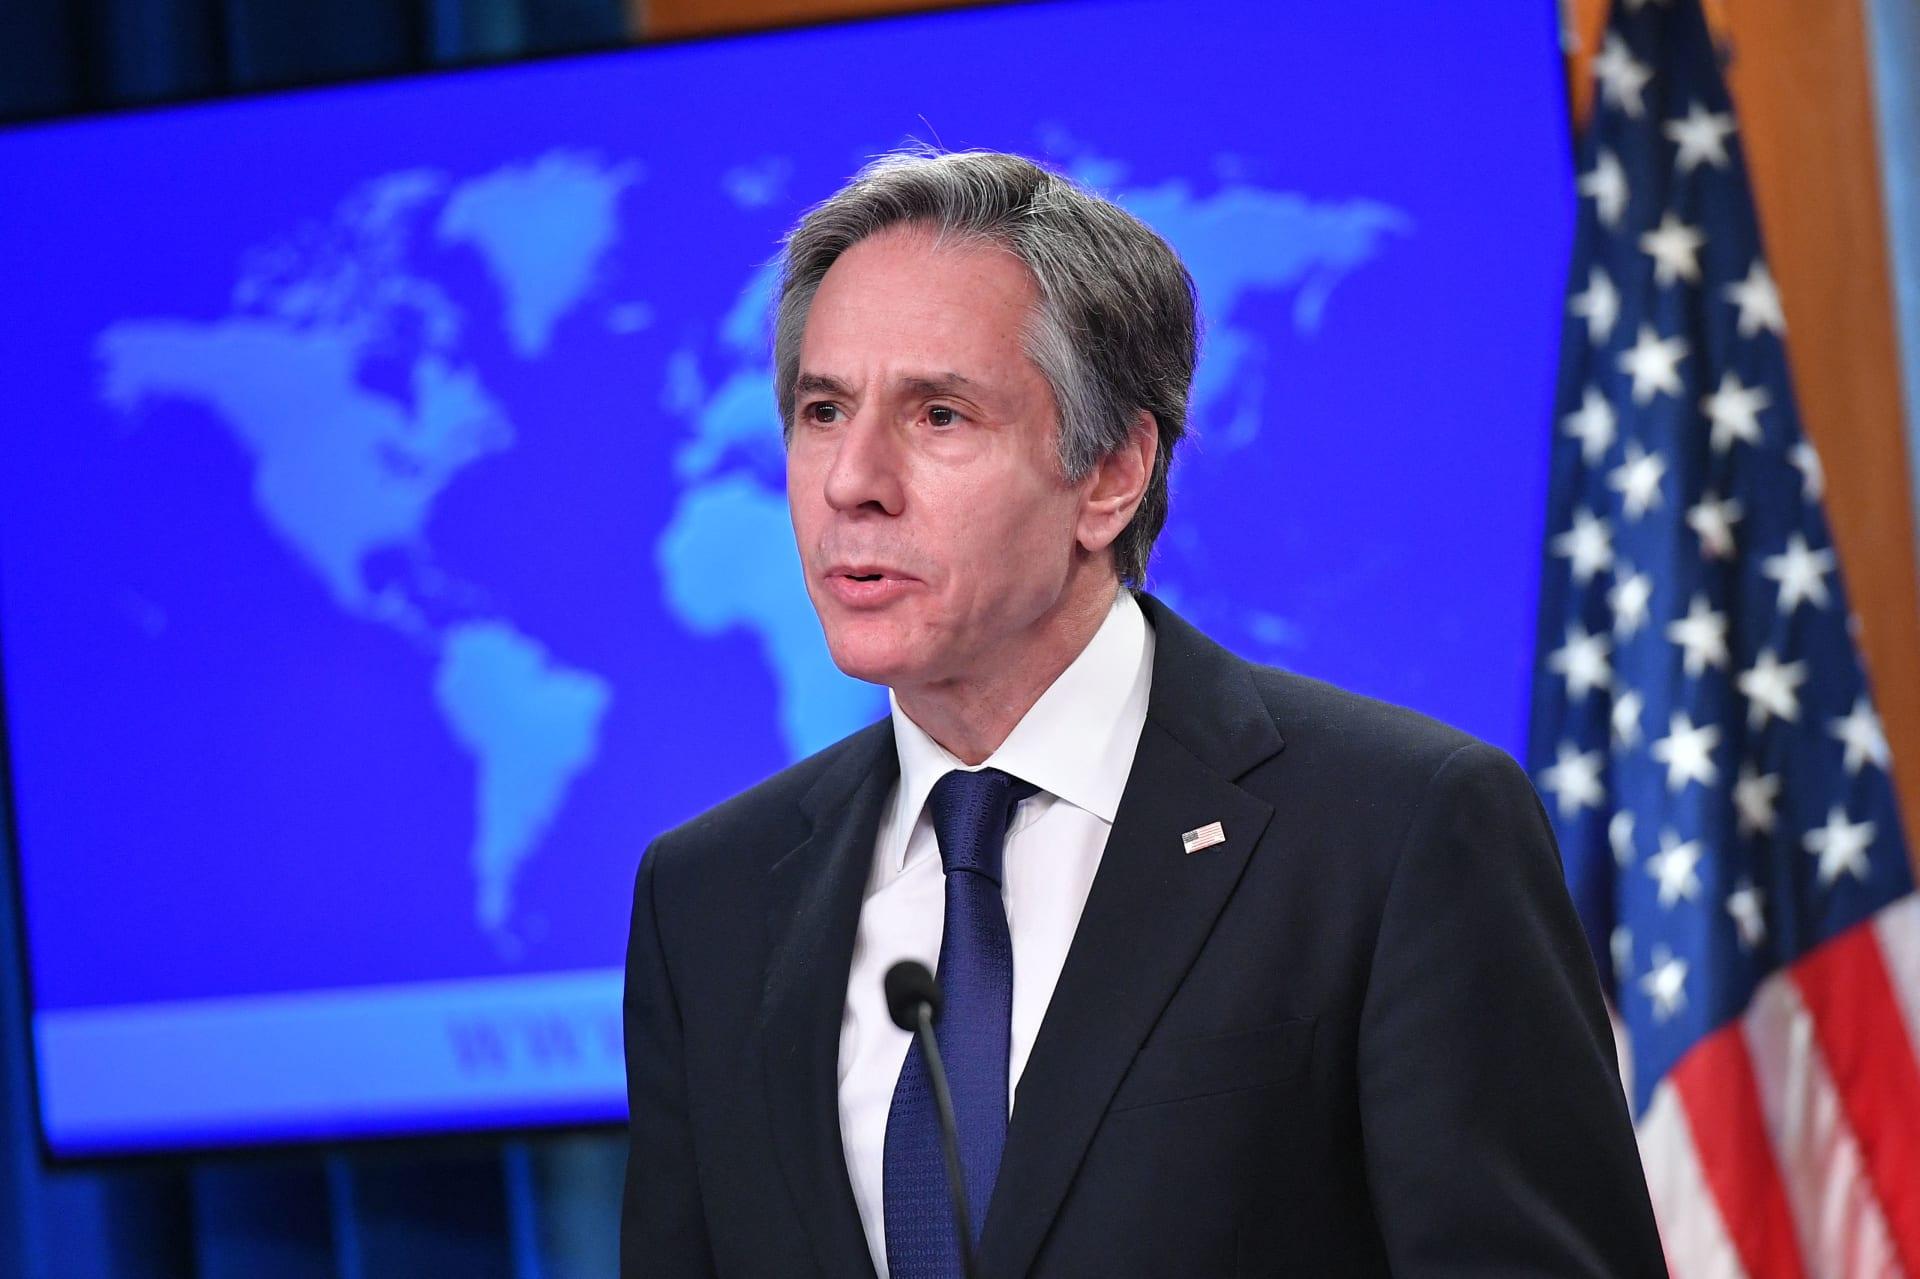 إدارة بايدن تلغي أمر ترامب التنفيذي لمعاقبة مسؤولي المحكمة الجنائية الدولية